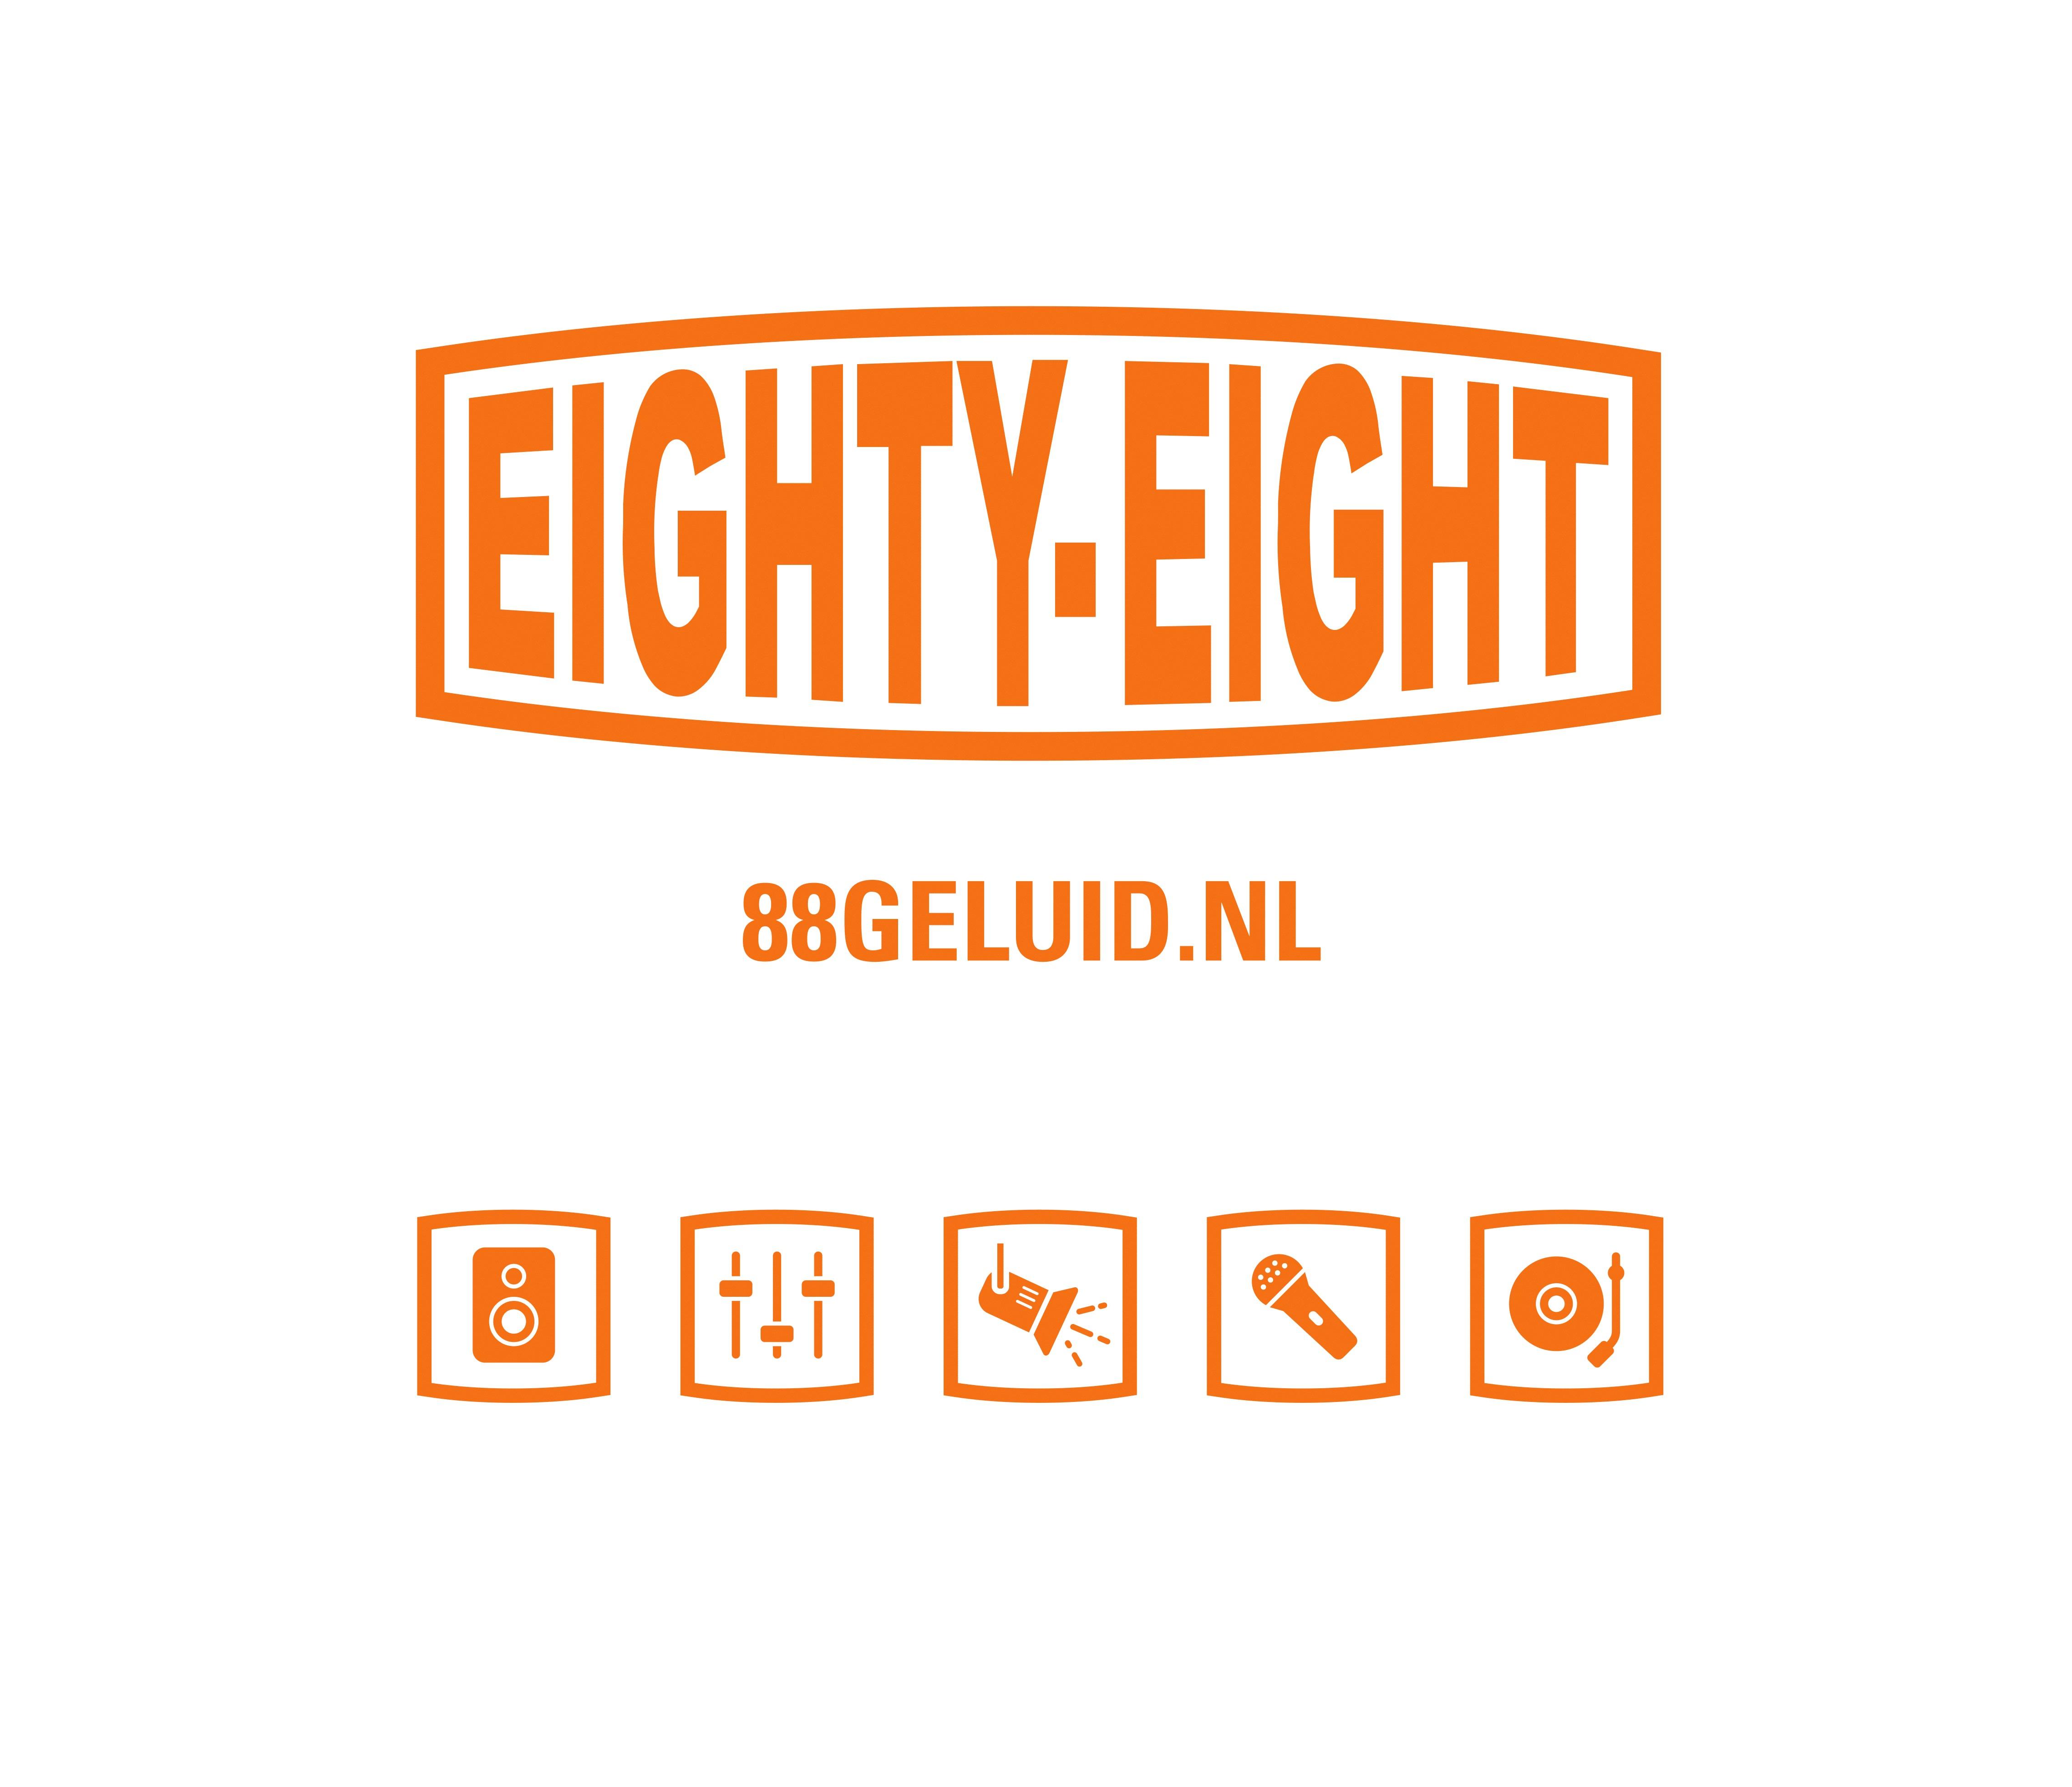 Eighty Eight